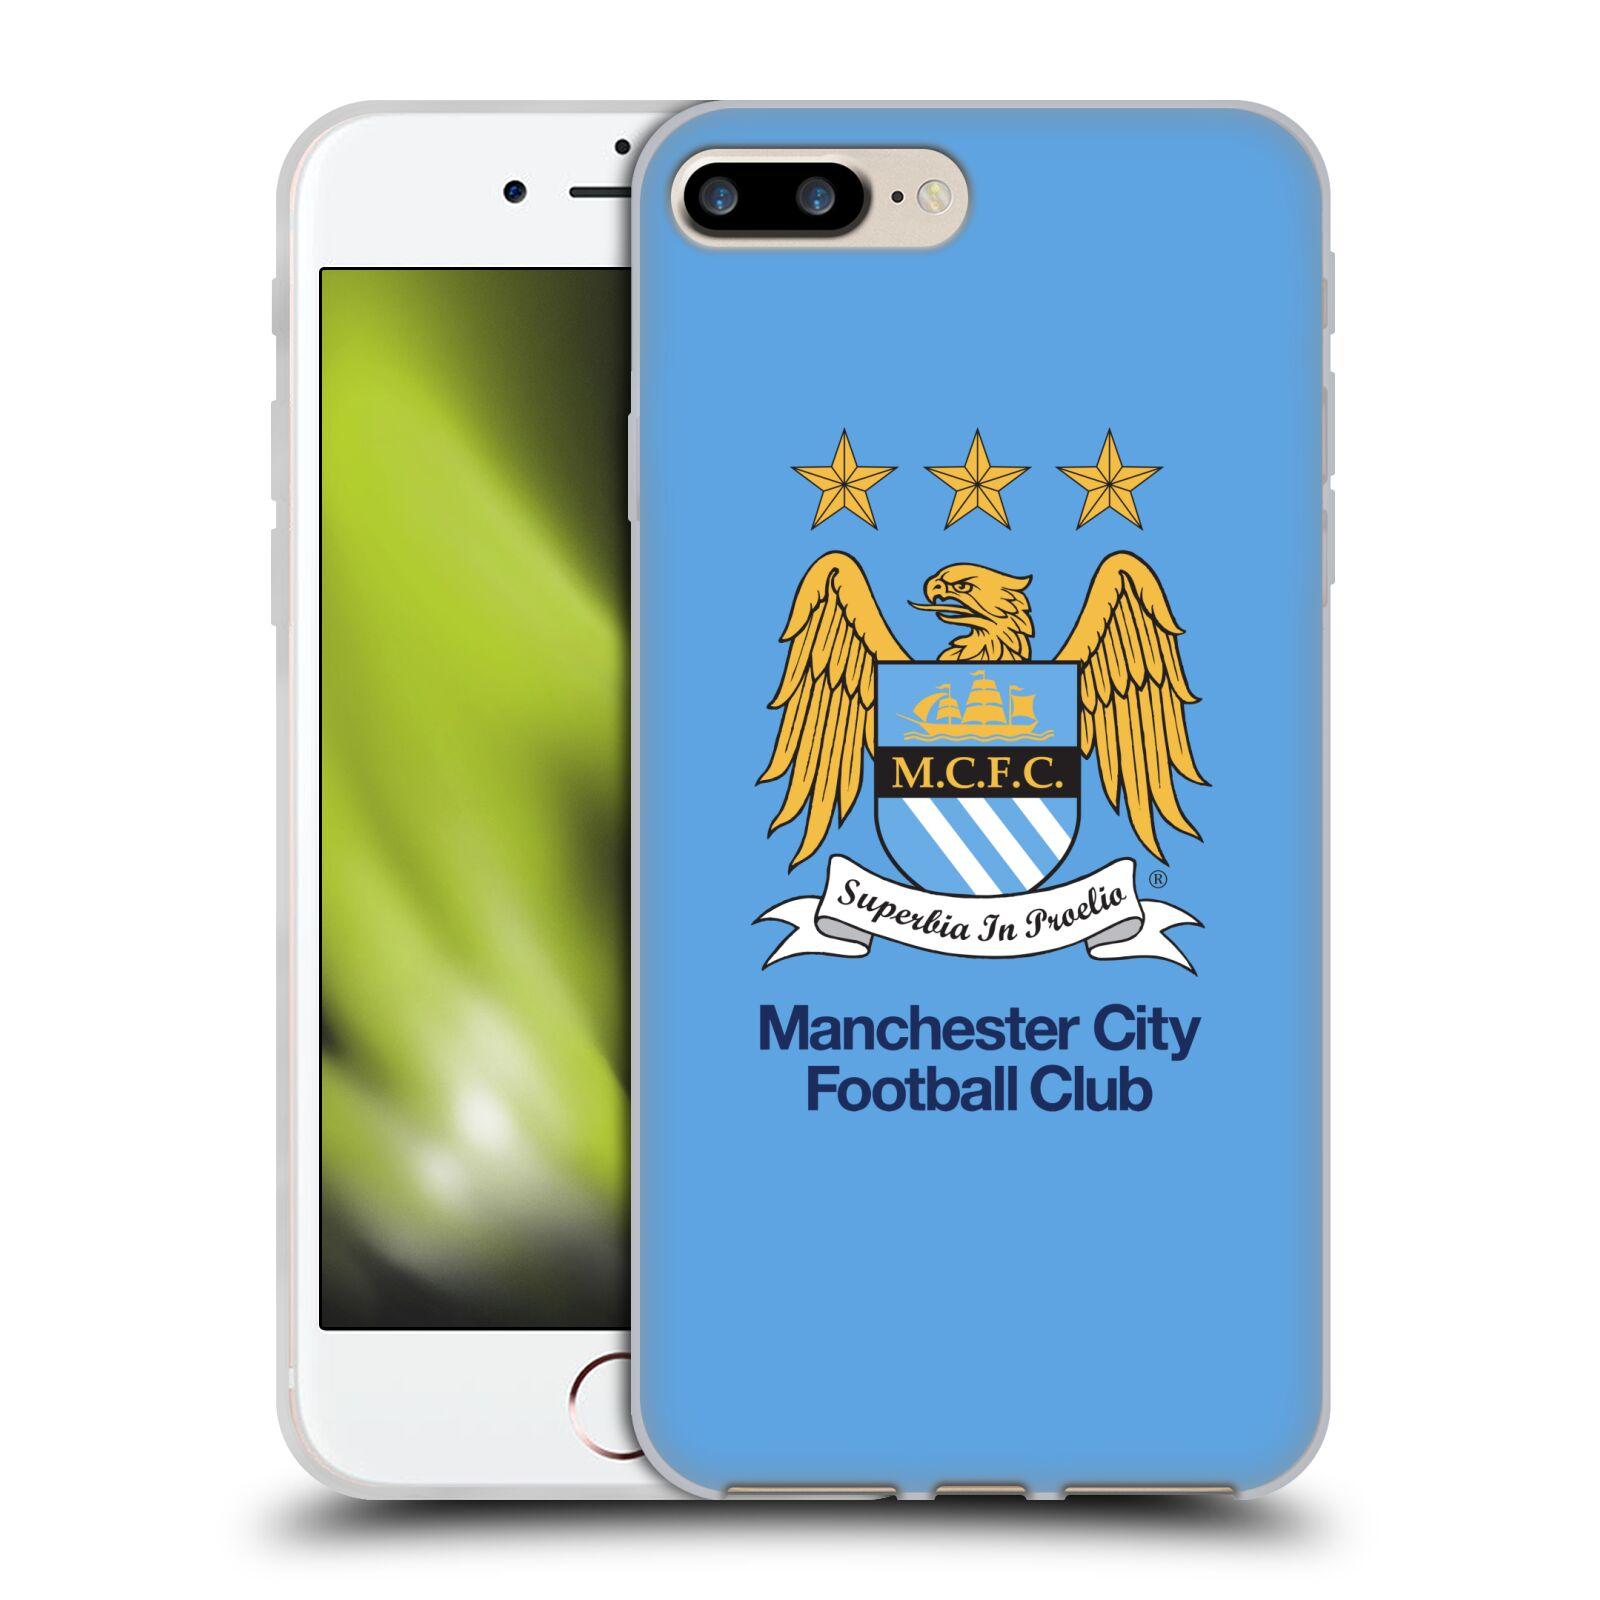 HEAD CASE silikonový obal na mobil Apple Iphone 7 PLUS Fotbalový klub Manchester City nebesky modrá pozadí velký znak pták